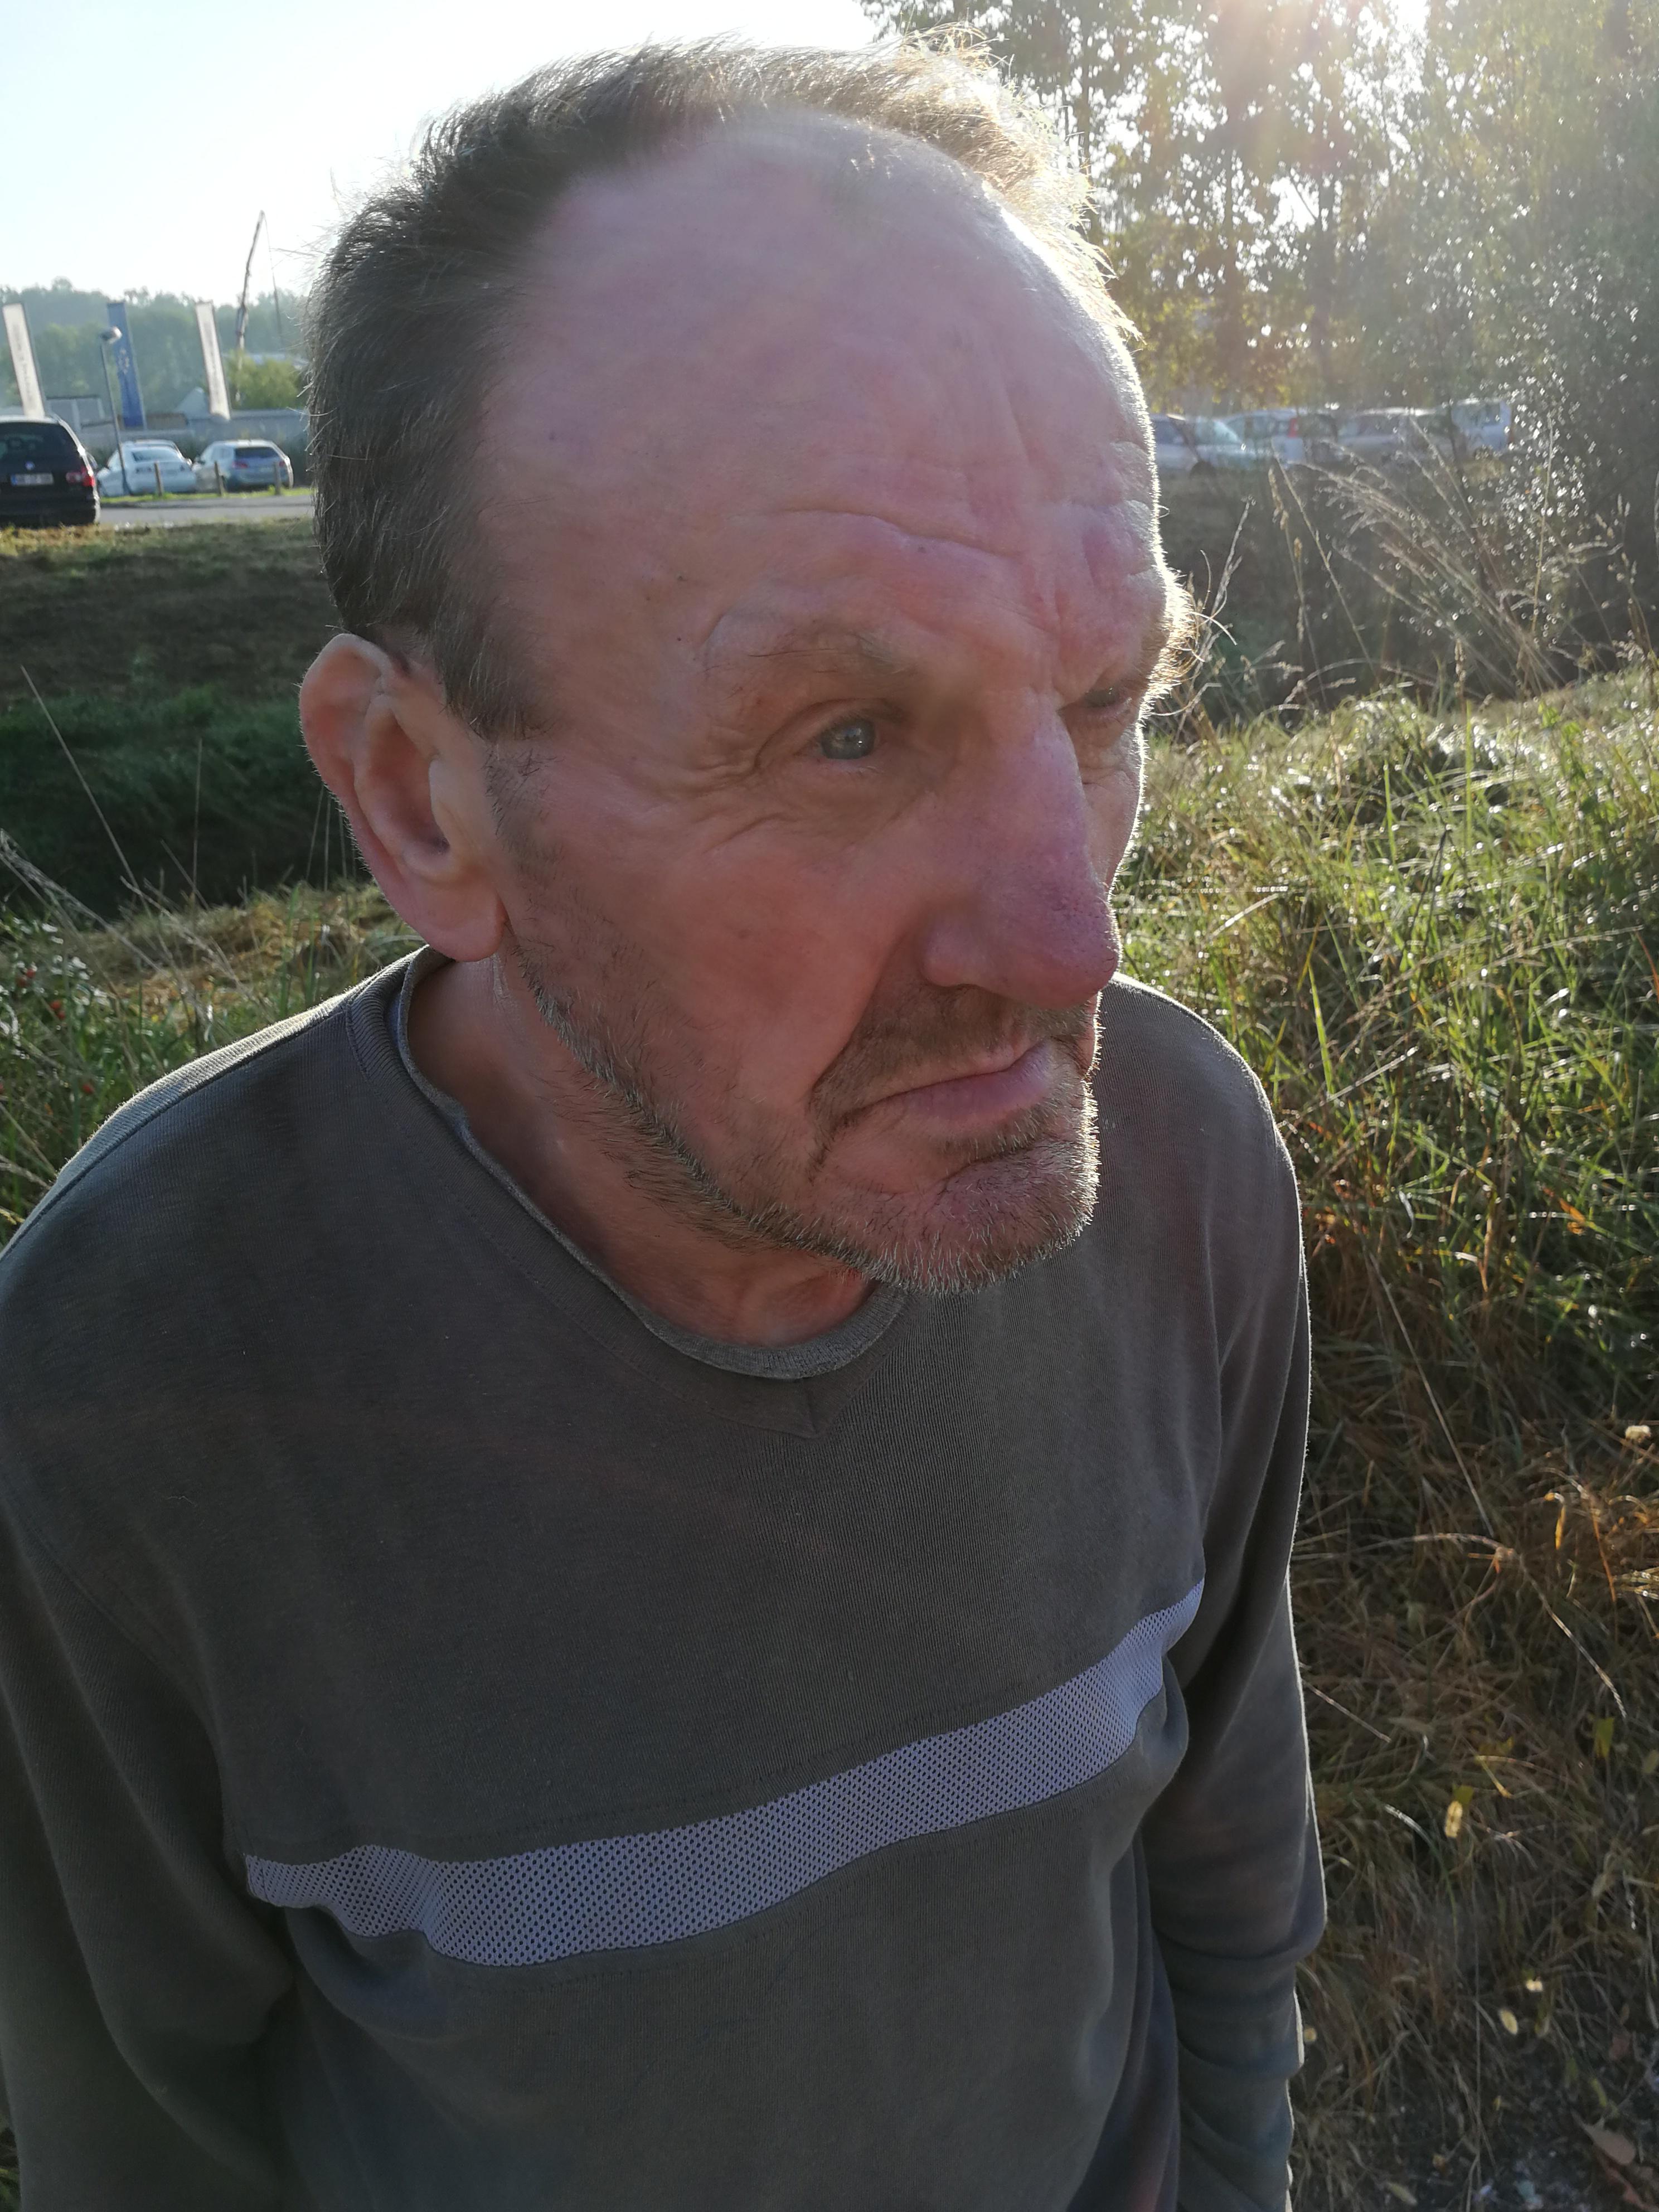 V Slovenski Bistrici našli starejšega moškega, ki ne zna povedati ničesar o sebi